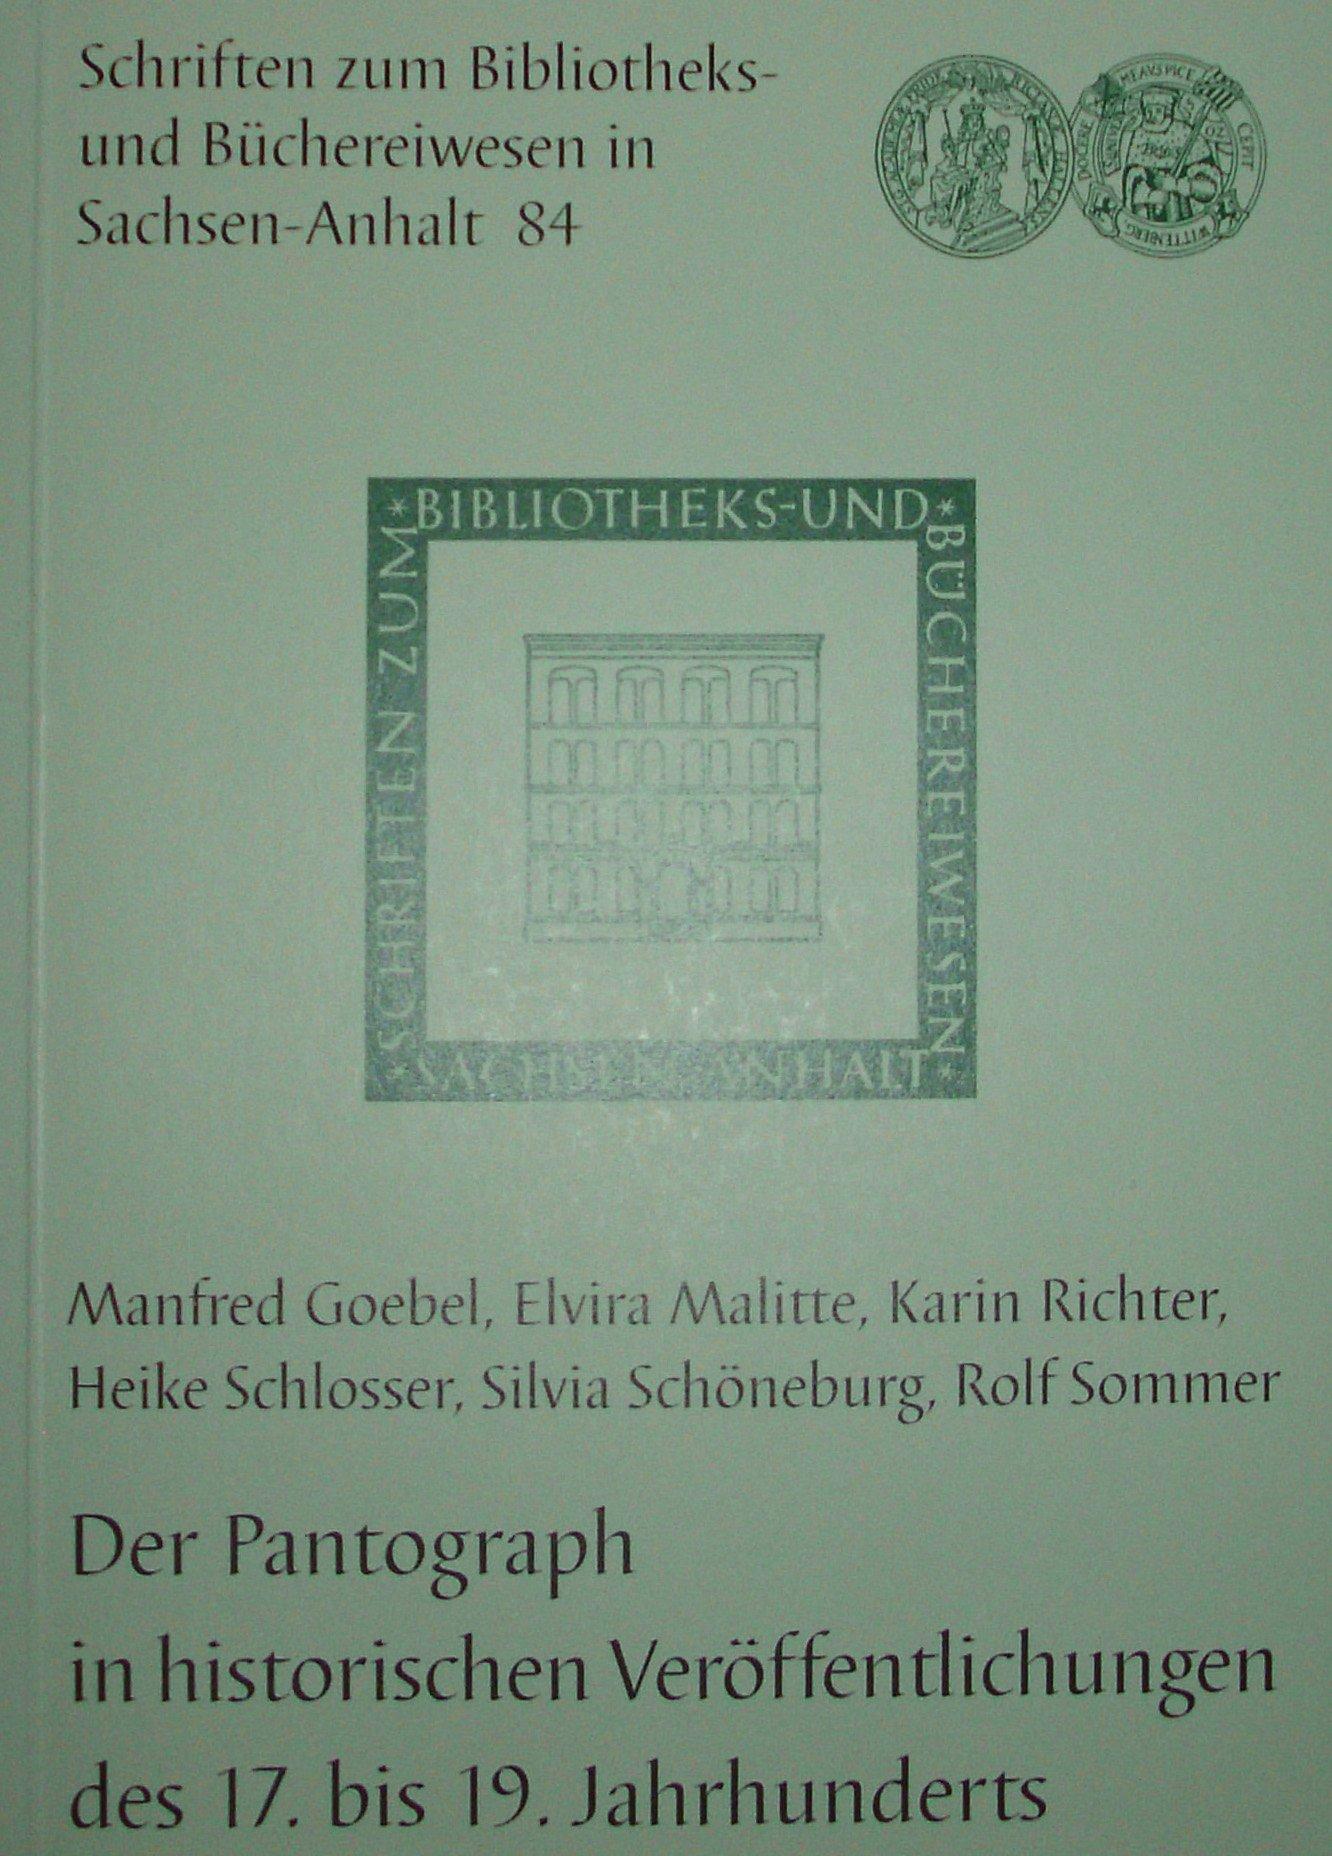 Der Pantograph in historischen Veröffentlichungen des 17. bis 19. Jahrhunderts (Schriften zum Bibliotheks- und Büchereiwesen in Sachsen-Anhalt)